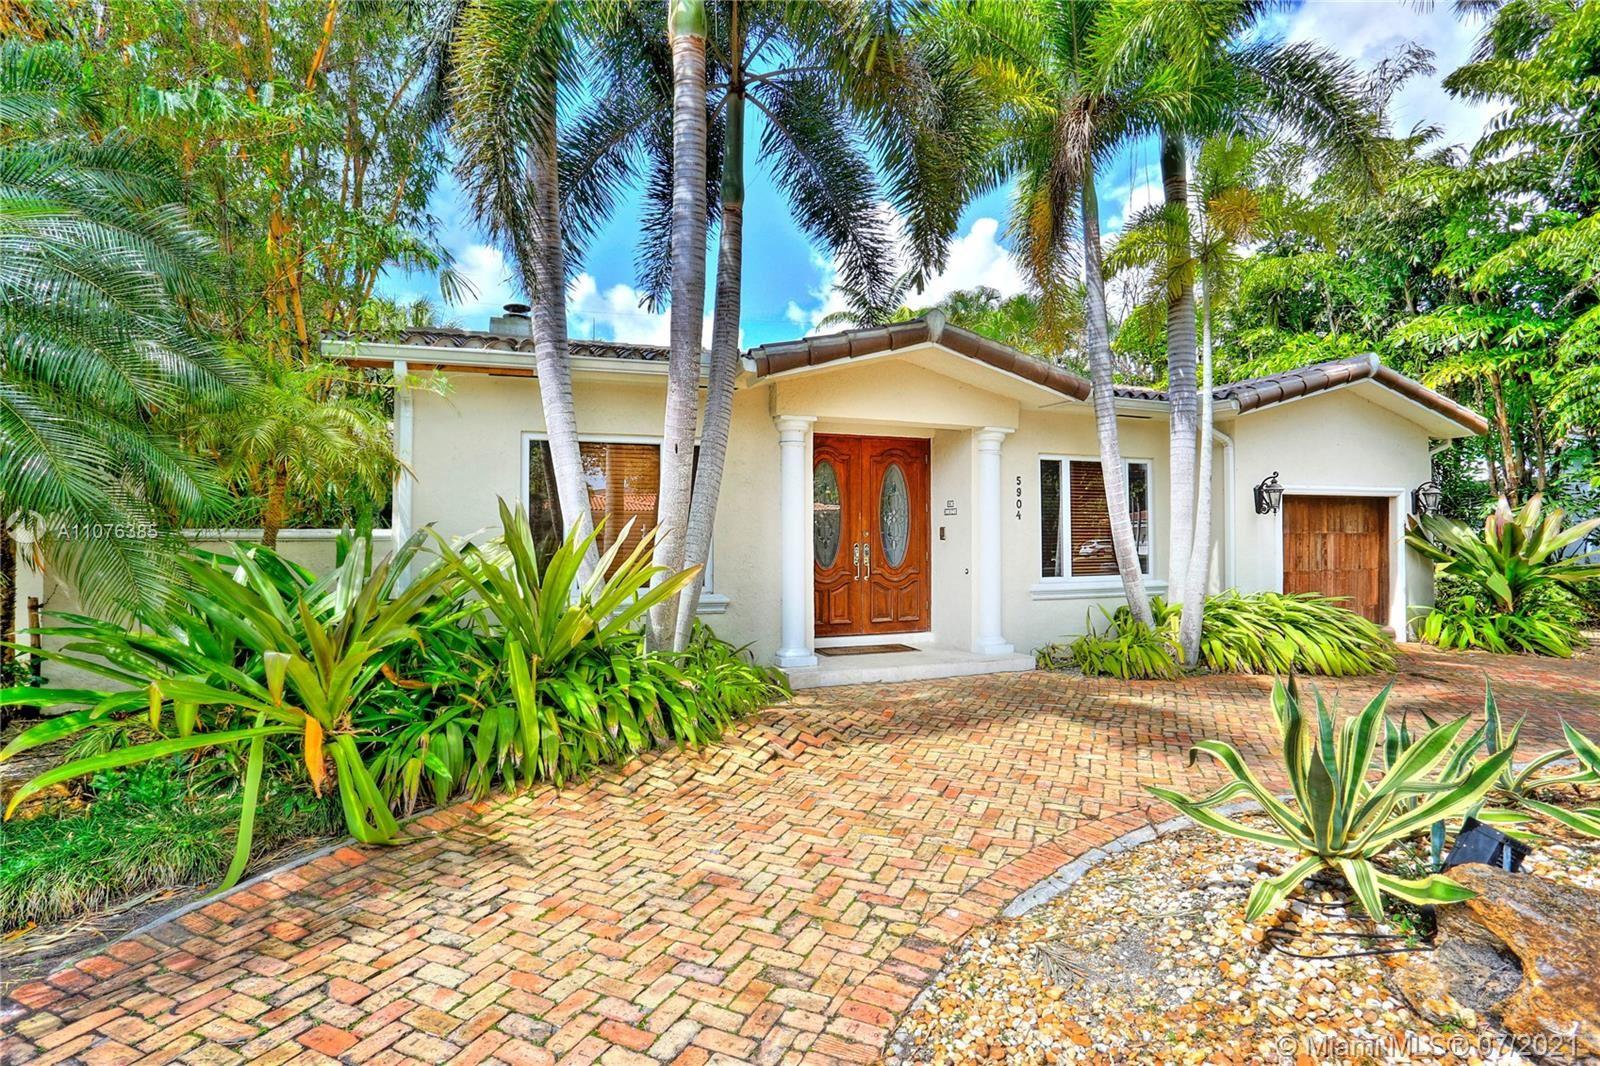 5904 San Vicente St, Coral Gables, FL 33146 - #: A11076385